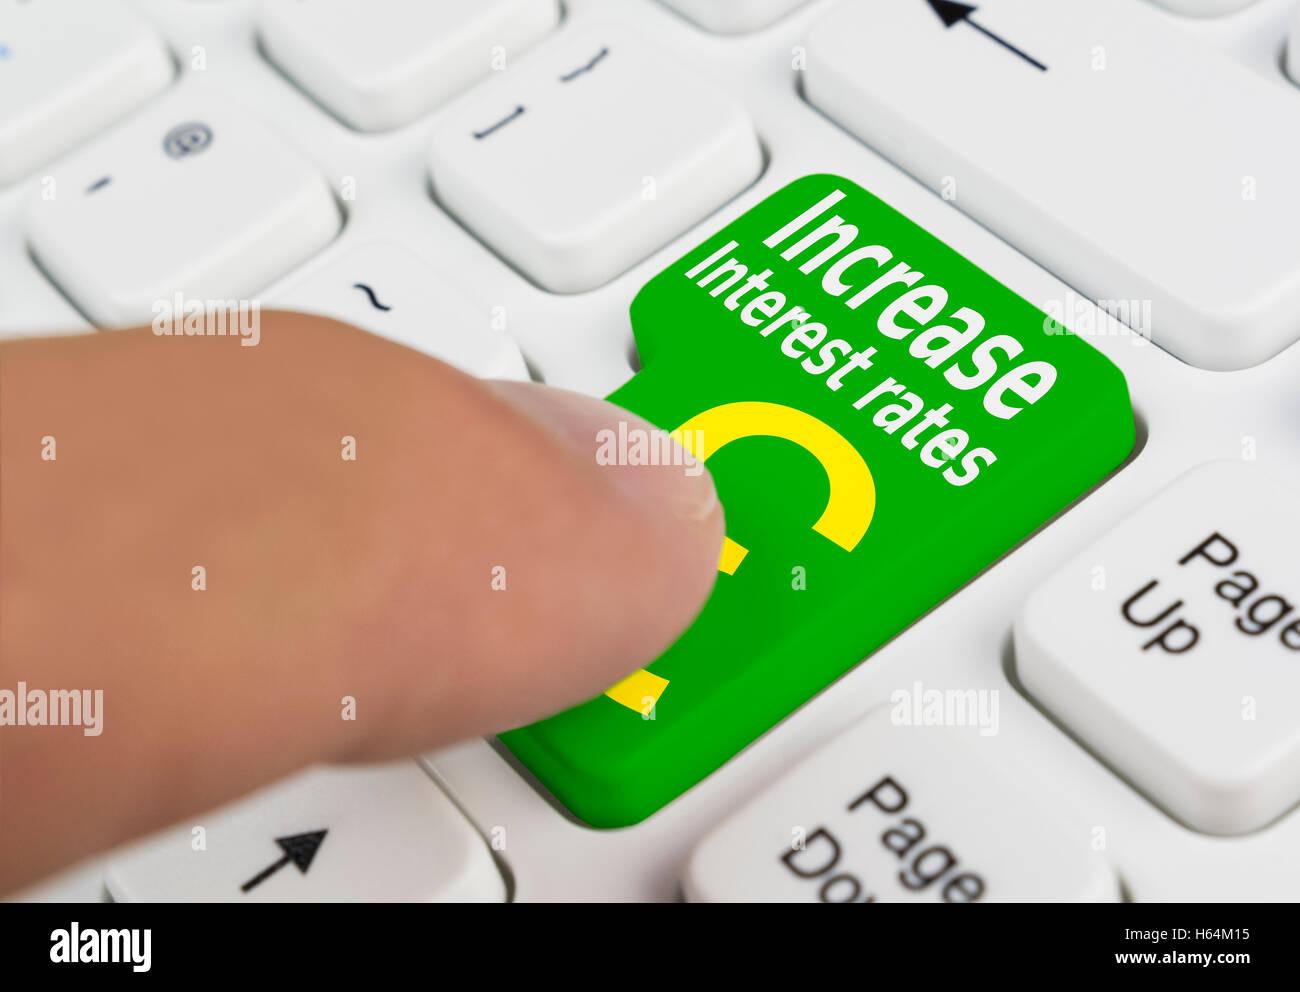 Erhöhen Sie Zinsen-Konzept-Taste. Stockbild